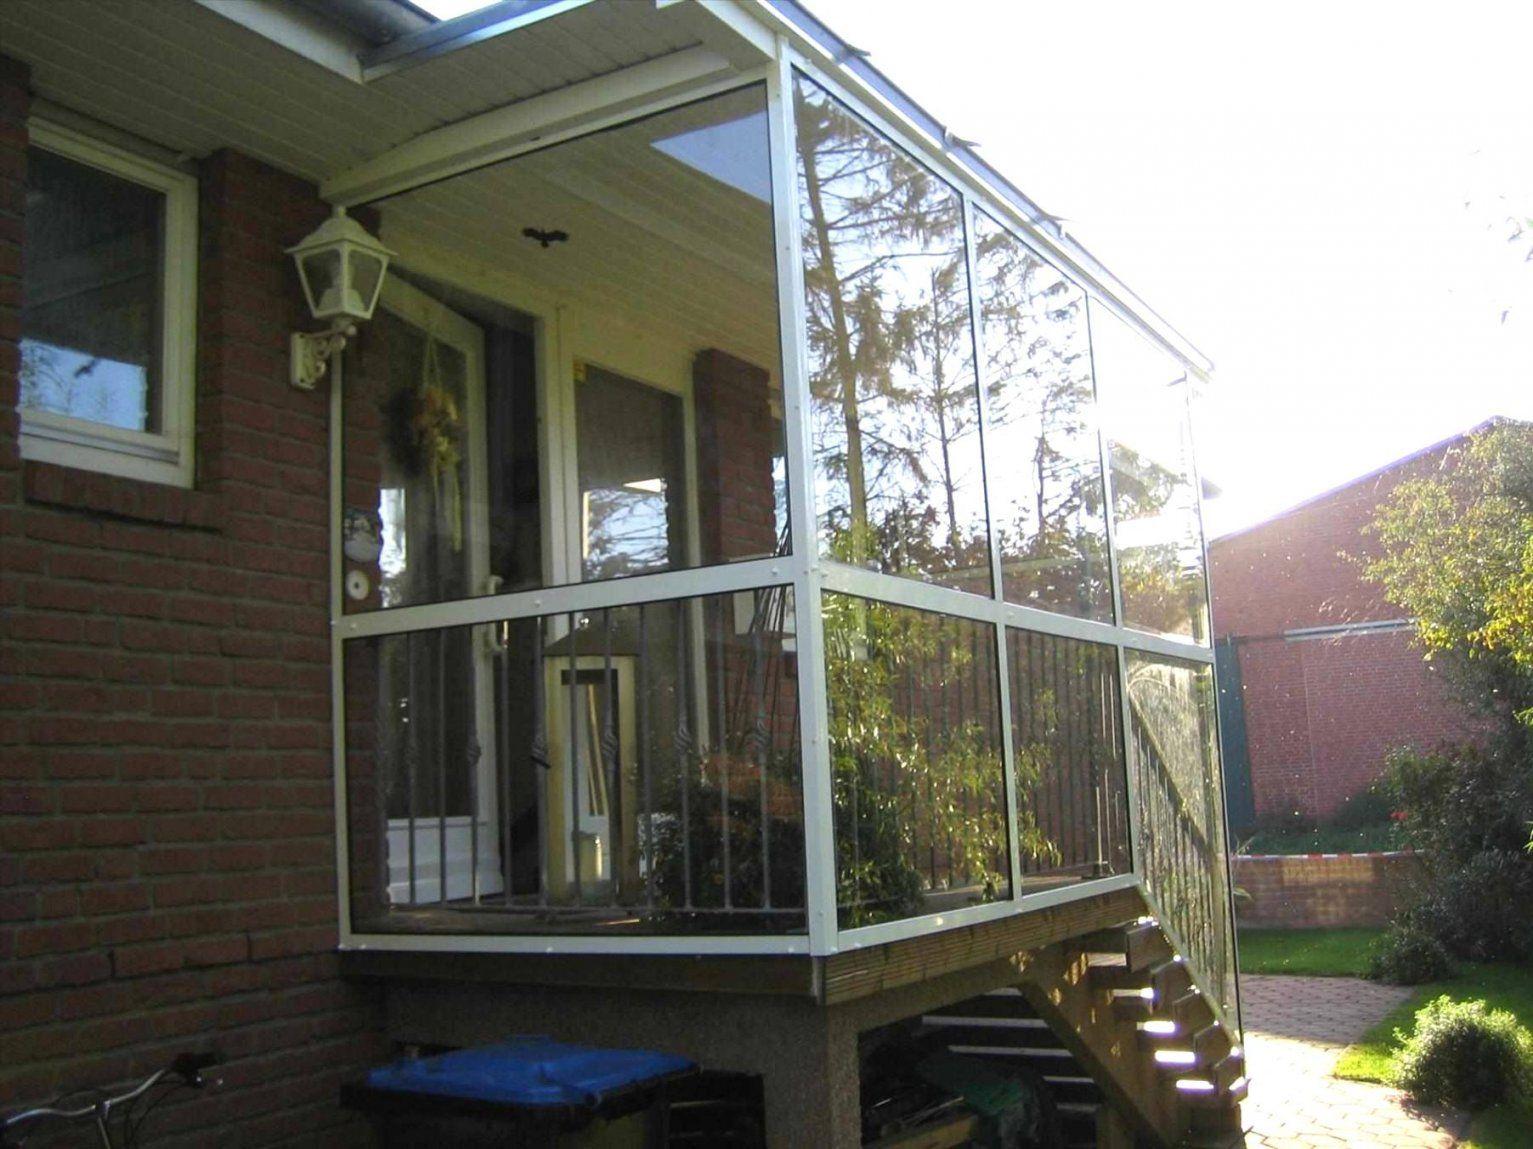 Sonnensegel Balkon Ohne Bohren Mit Zusätzlichen Orientalisch Mobel von Sonnensegel Balkon Ohne Bohren Bild